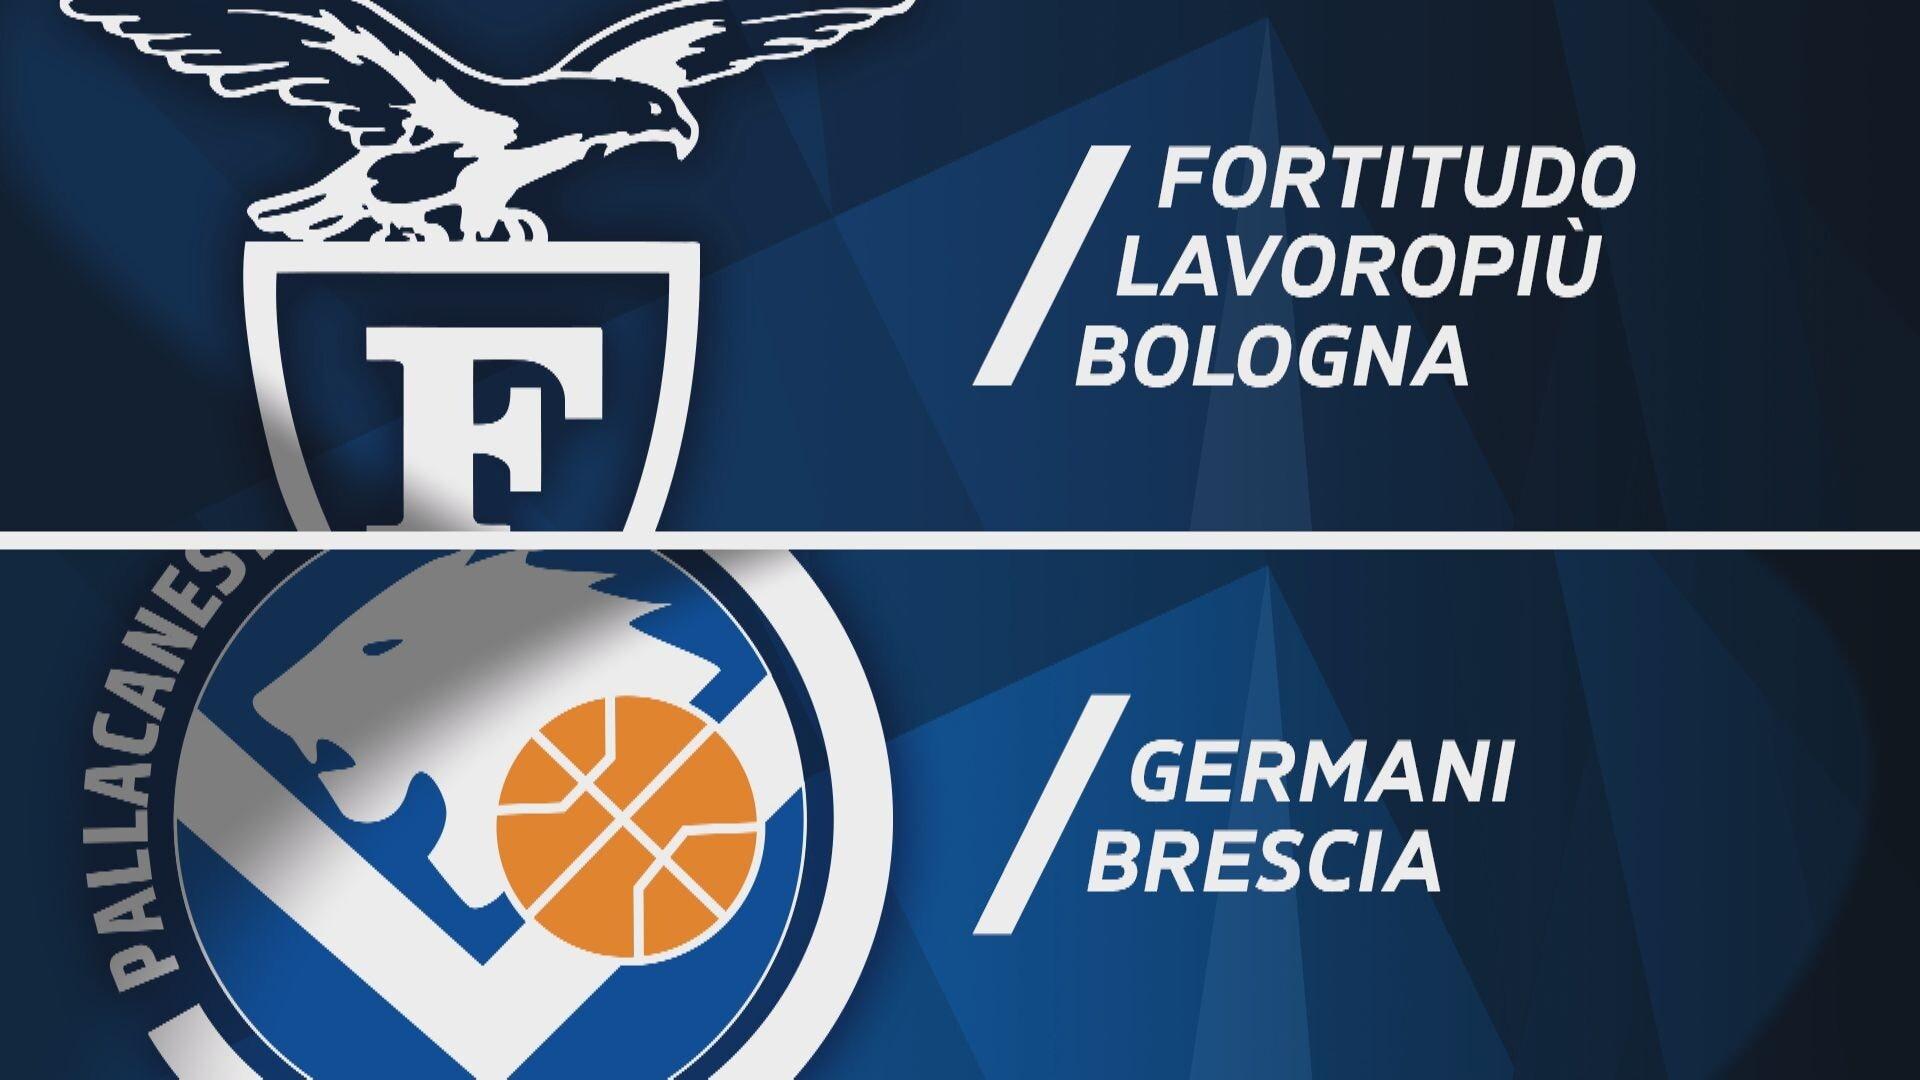 Fortitudo Lavoropiù Bologna - Germani Brescia 88-78